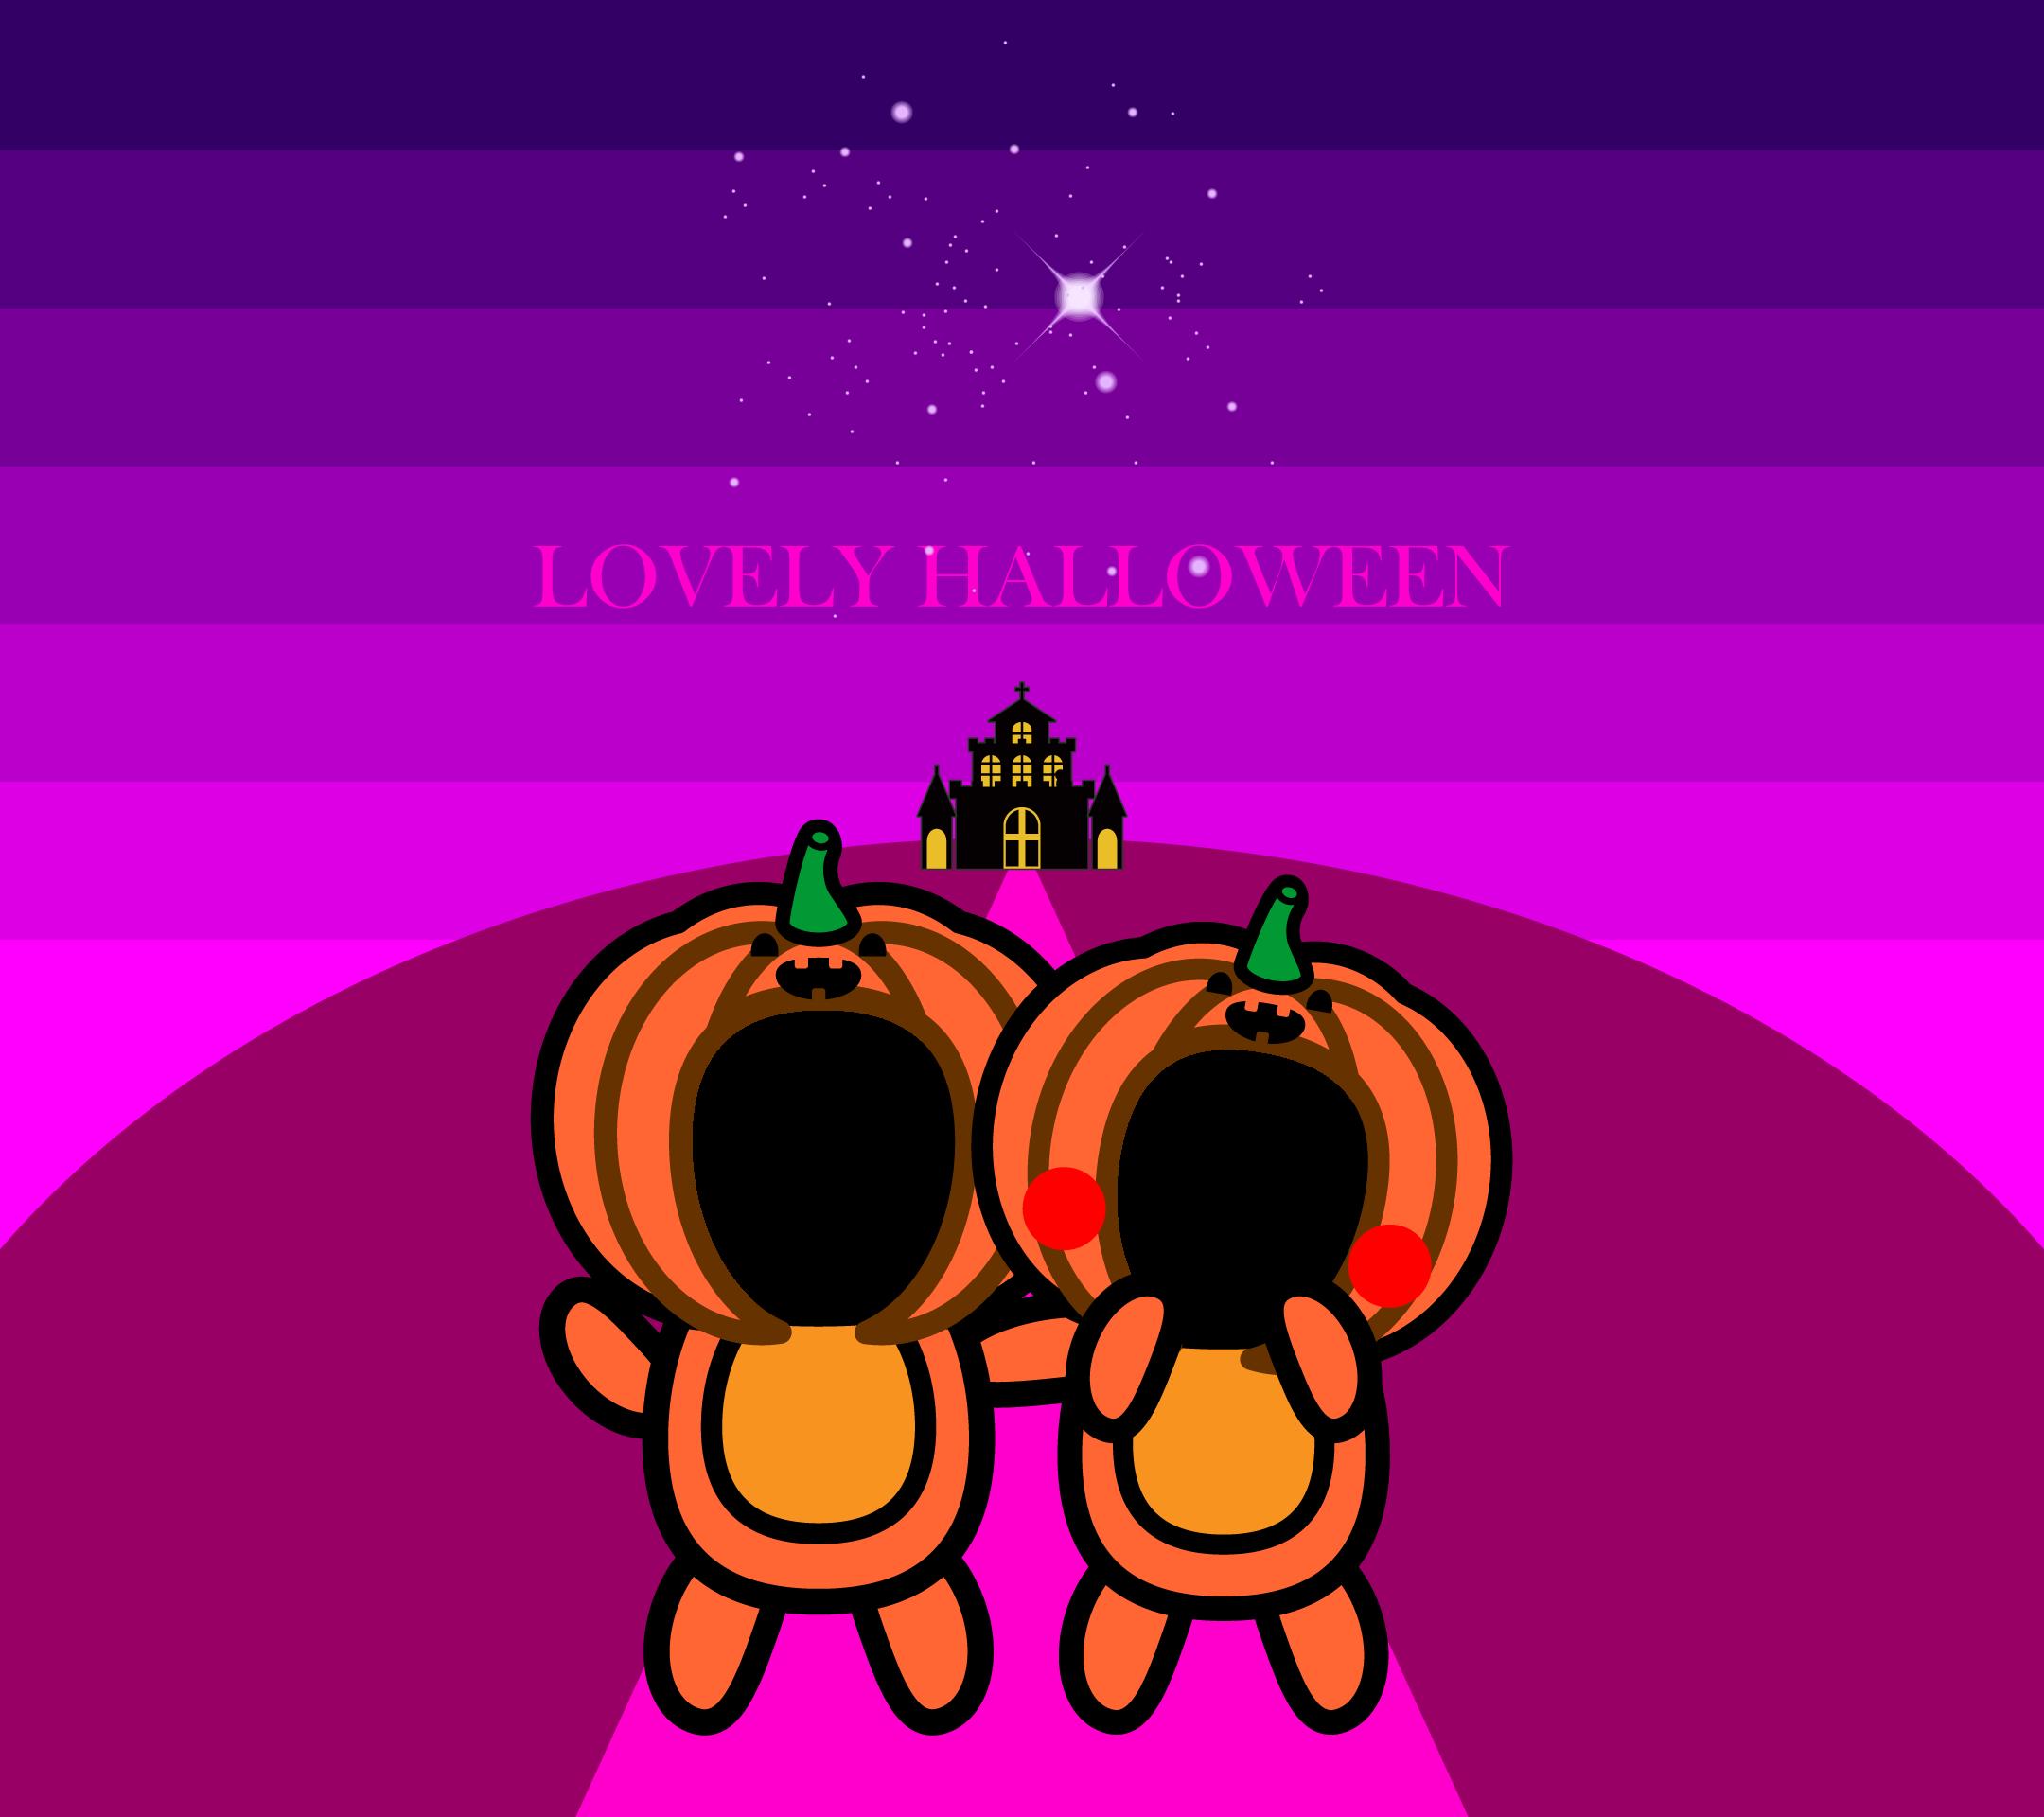 かわいいラブリーハロウィン合成壁紙(Android)の無料イラスト・商用フリー